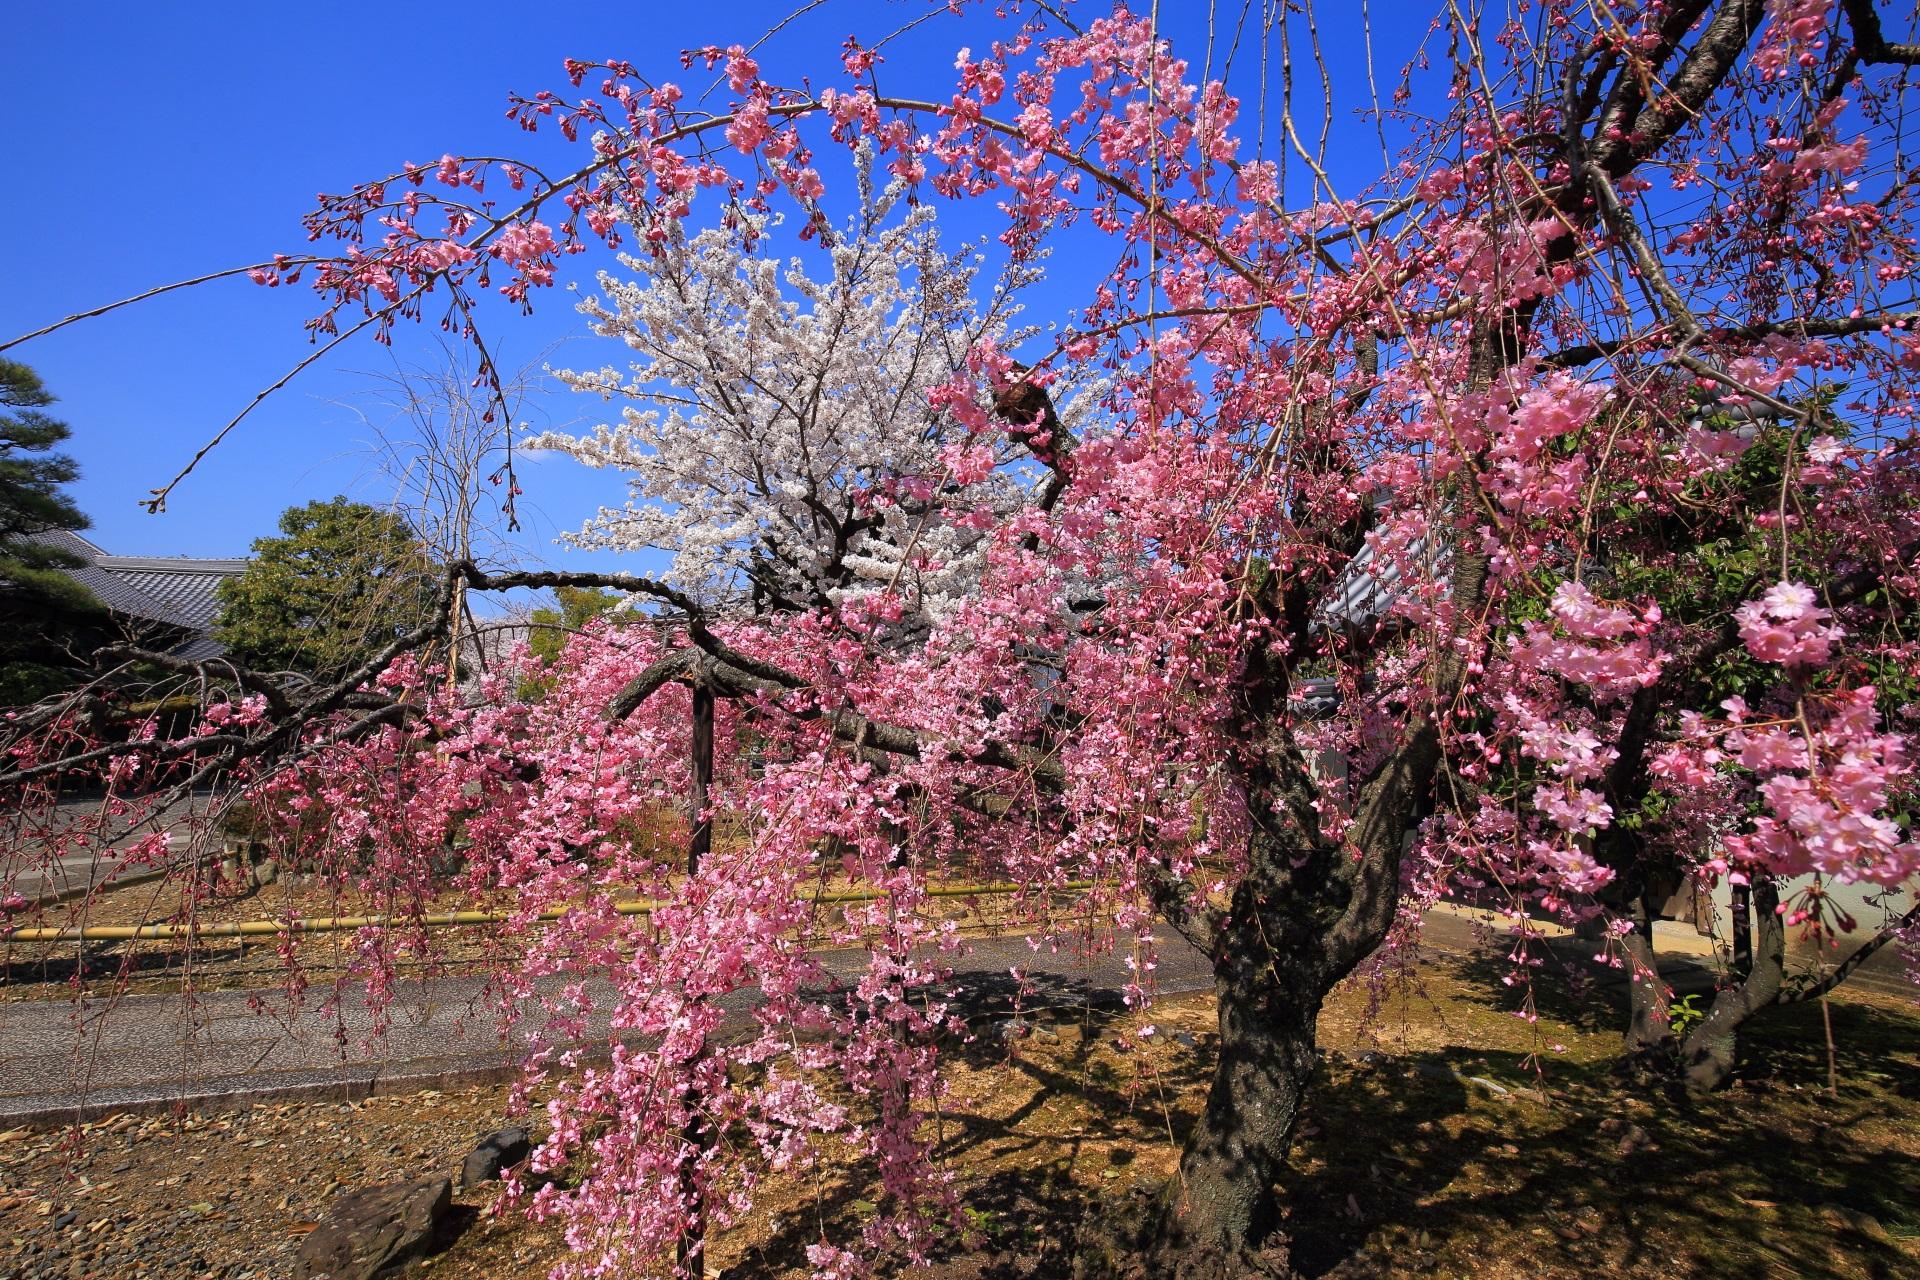 上品蓮台寺のピンクと白の煌びやかな春色